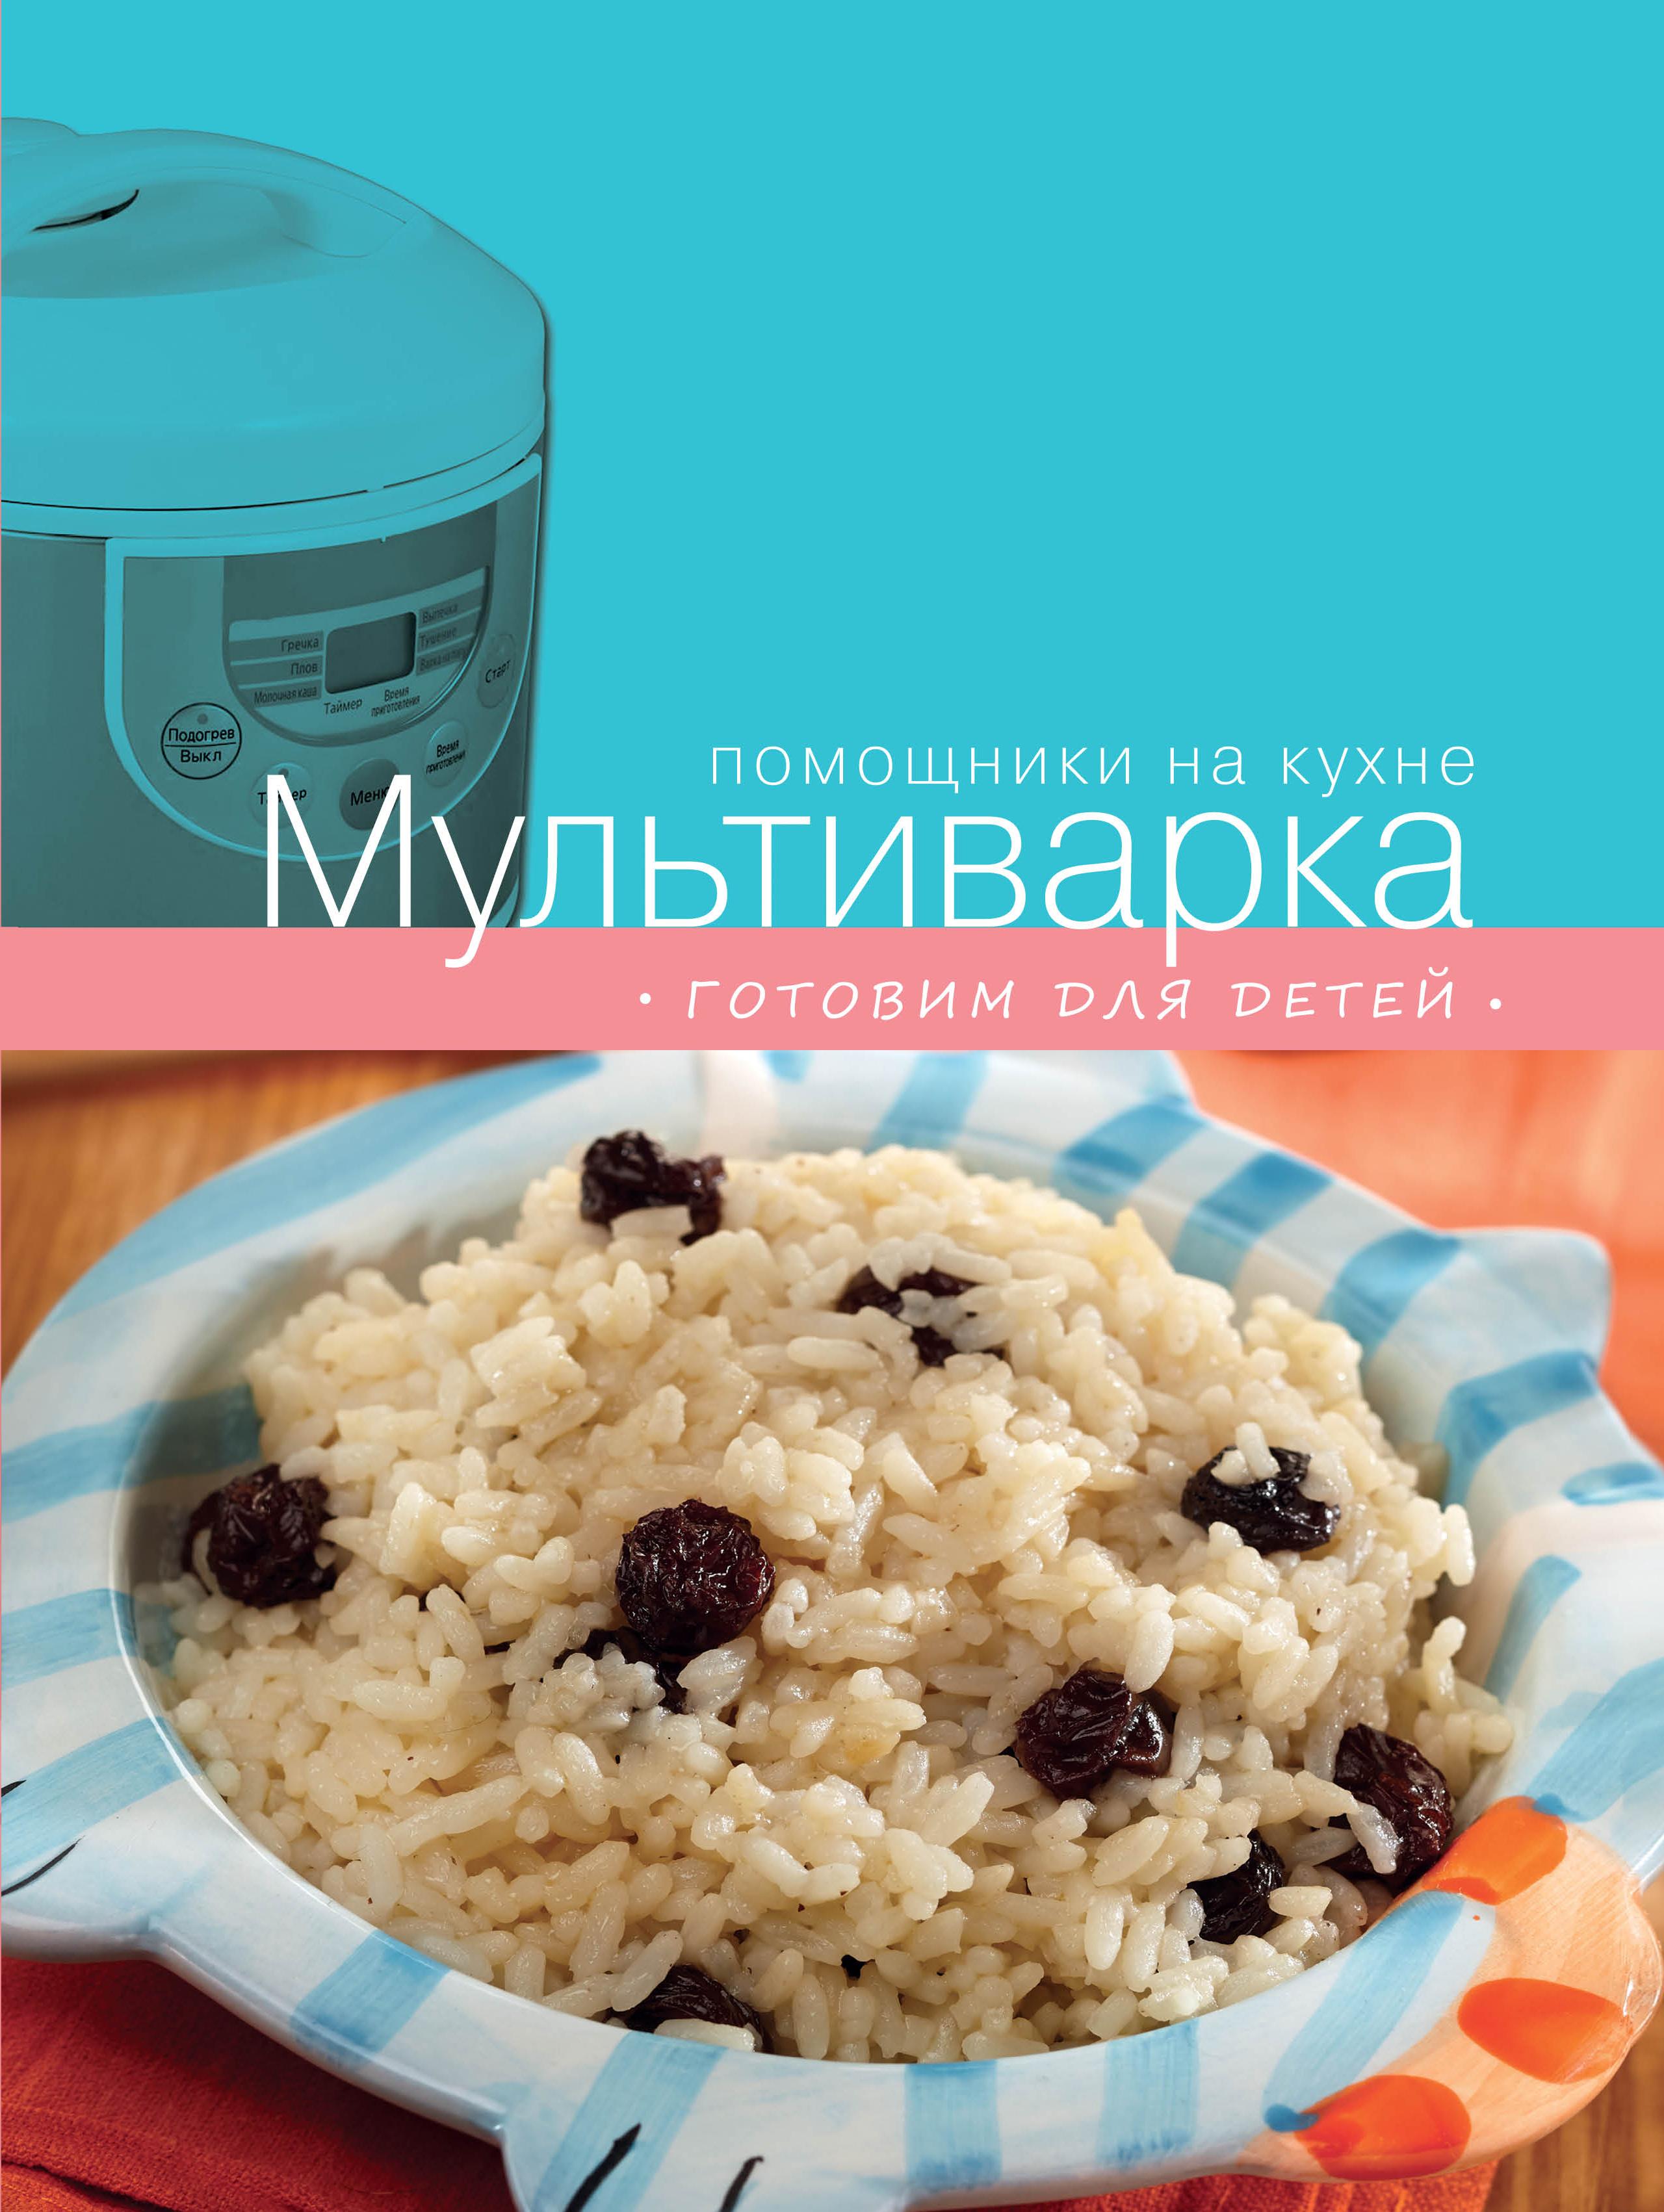 Ивенская О., Васильев А., Родина Е. Мультиварка. Готовим для детей